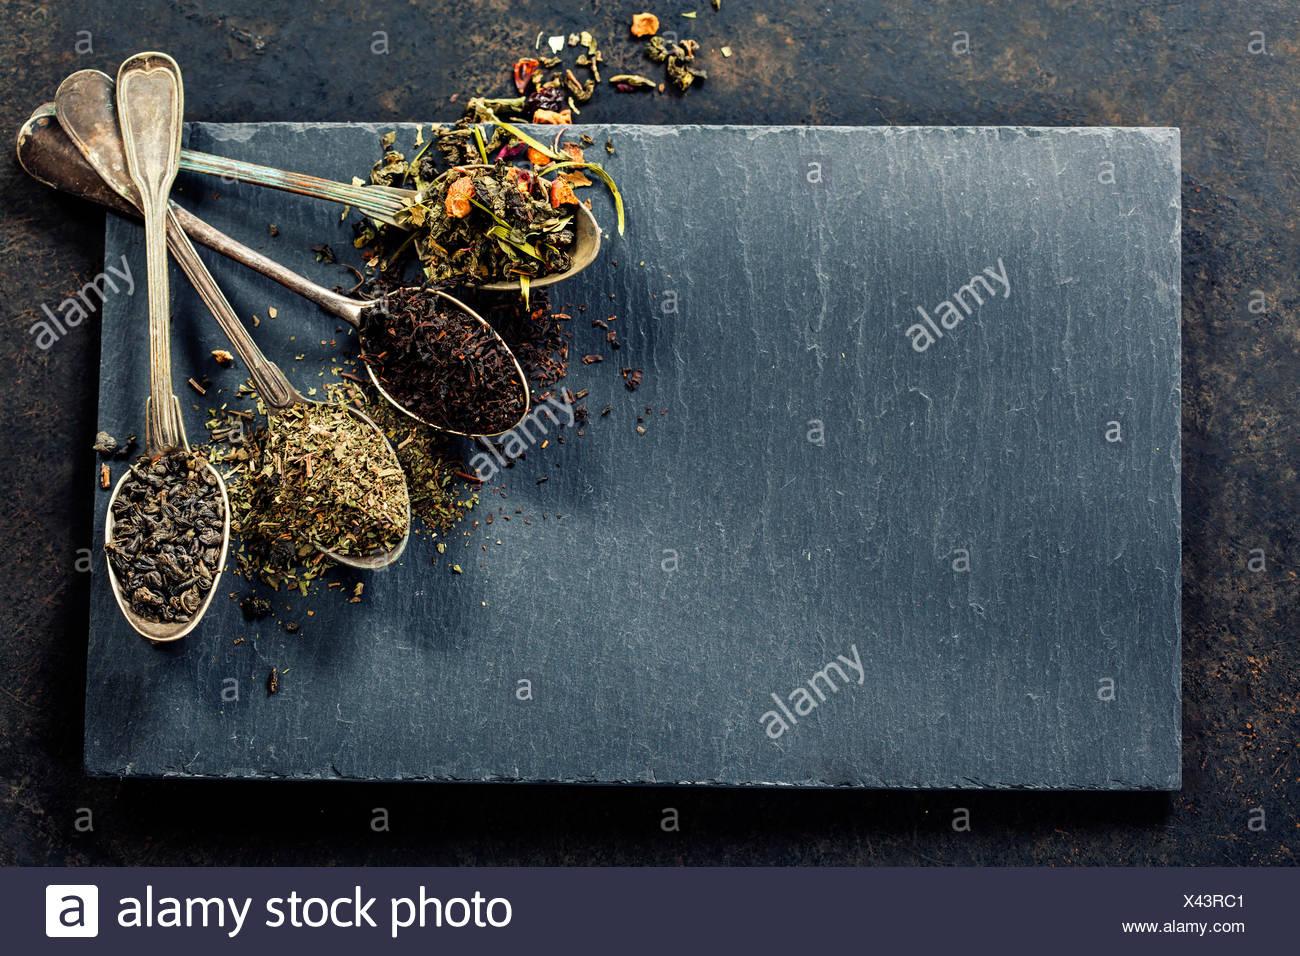 Plateau de composition avec différents types de thé et de vieilles cuillères sur fond sombre Photo Stock